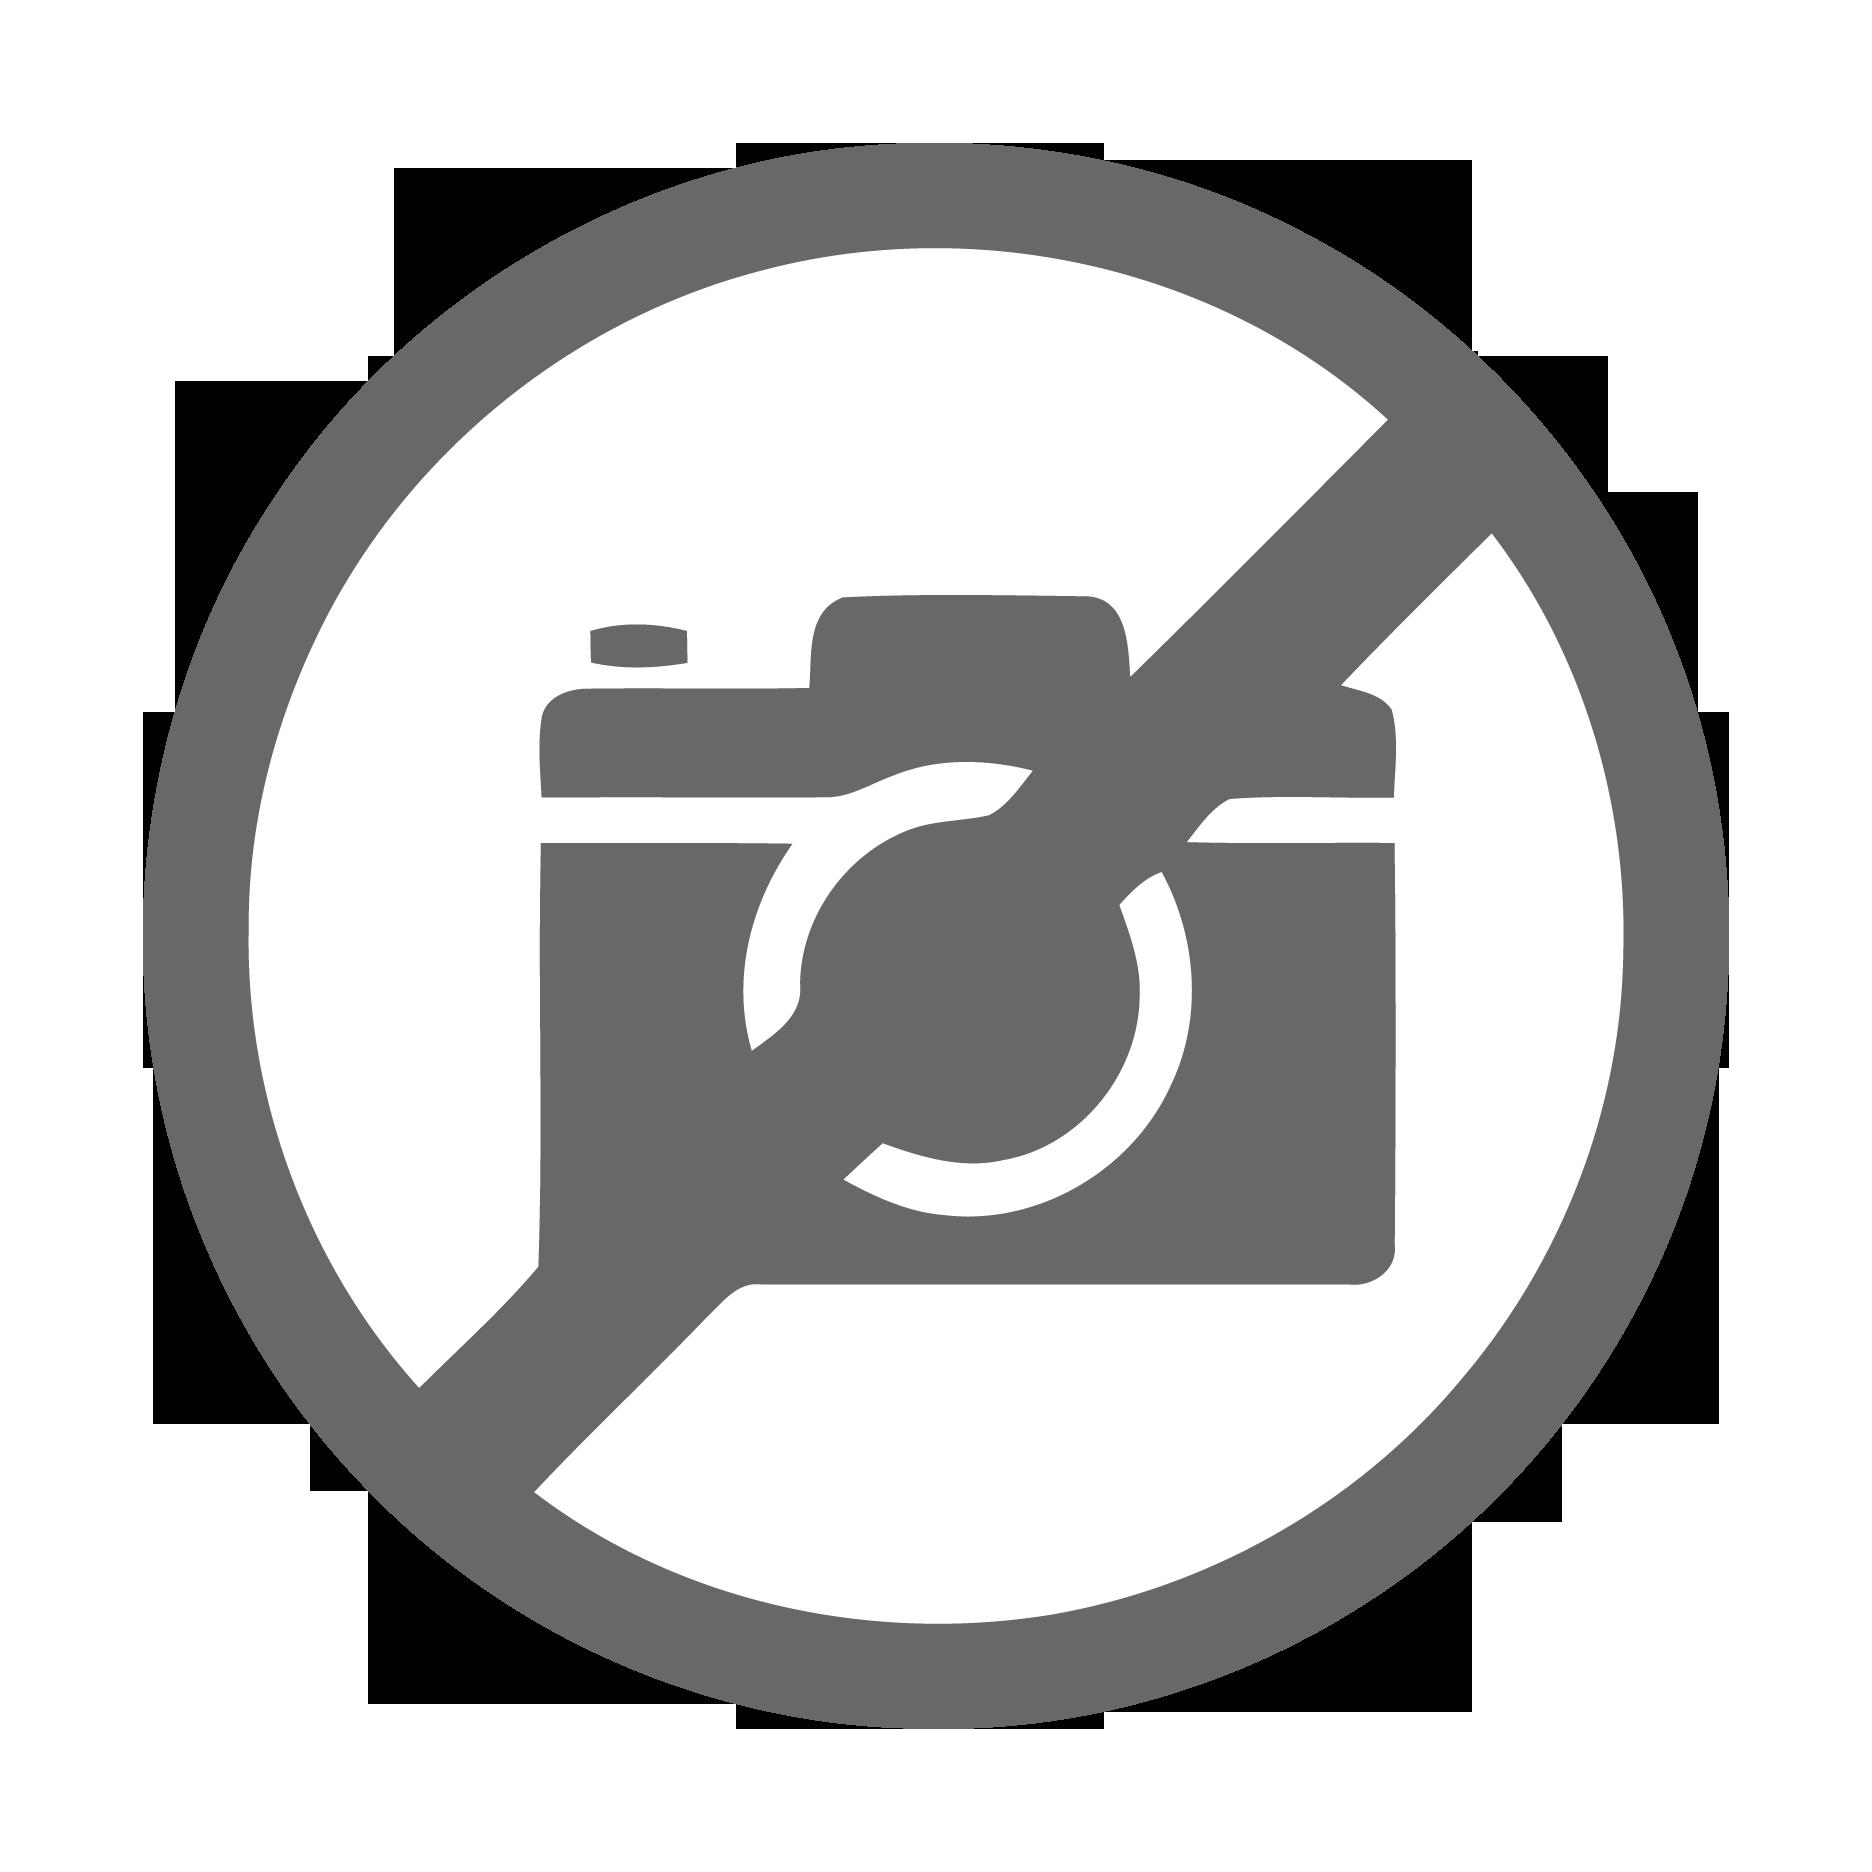 Itza's pizza